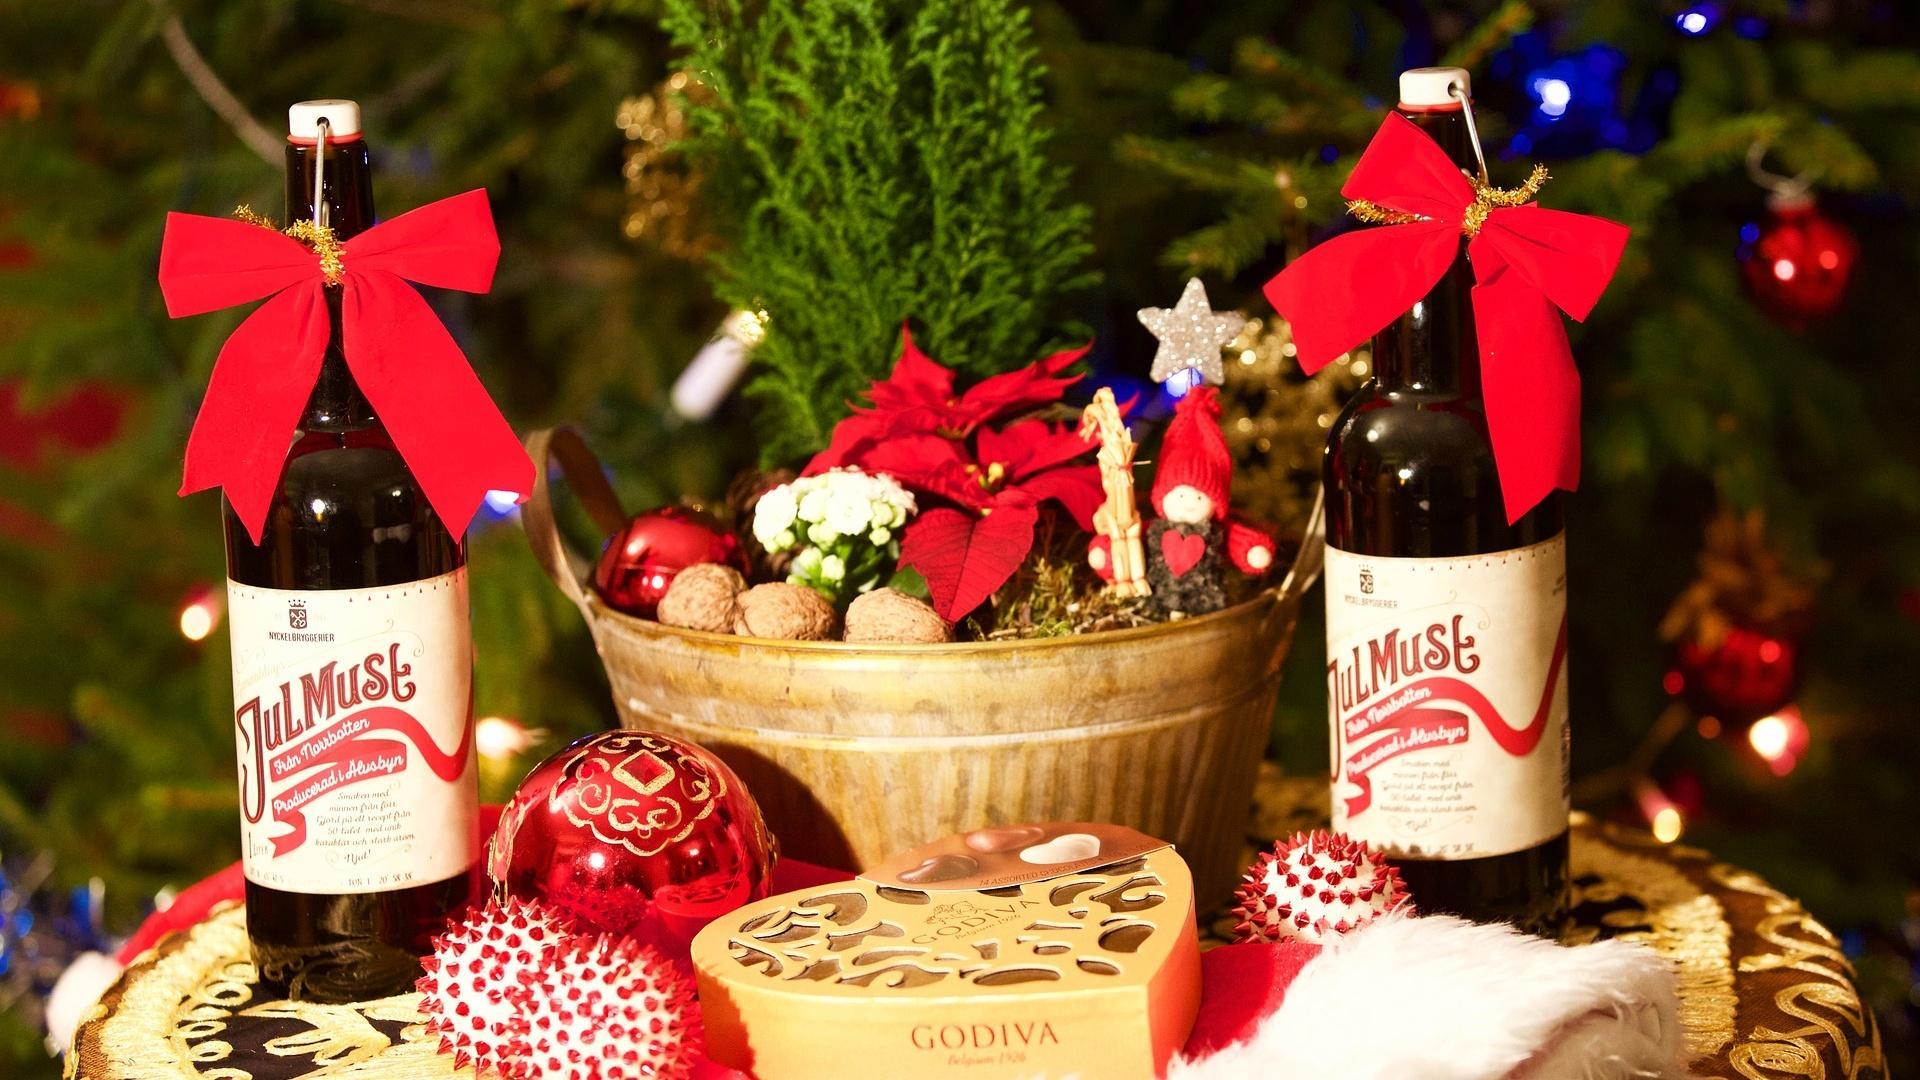 Zu Weihnachten gehört in Schweden Julmust genauso sehr wie der Tomte und Kalla Anka